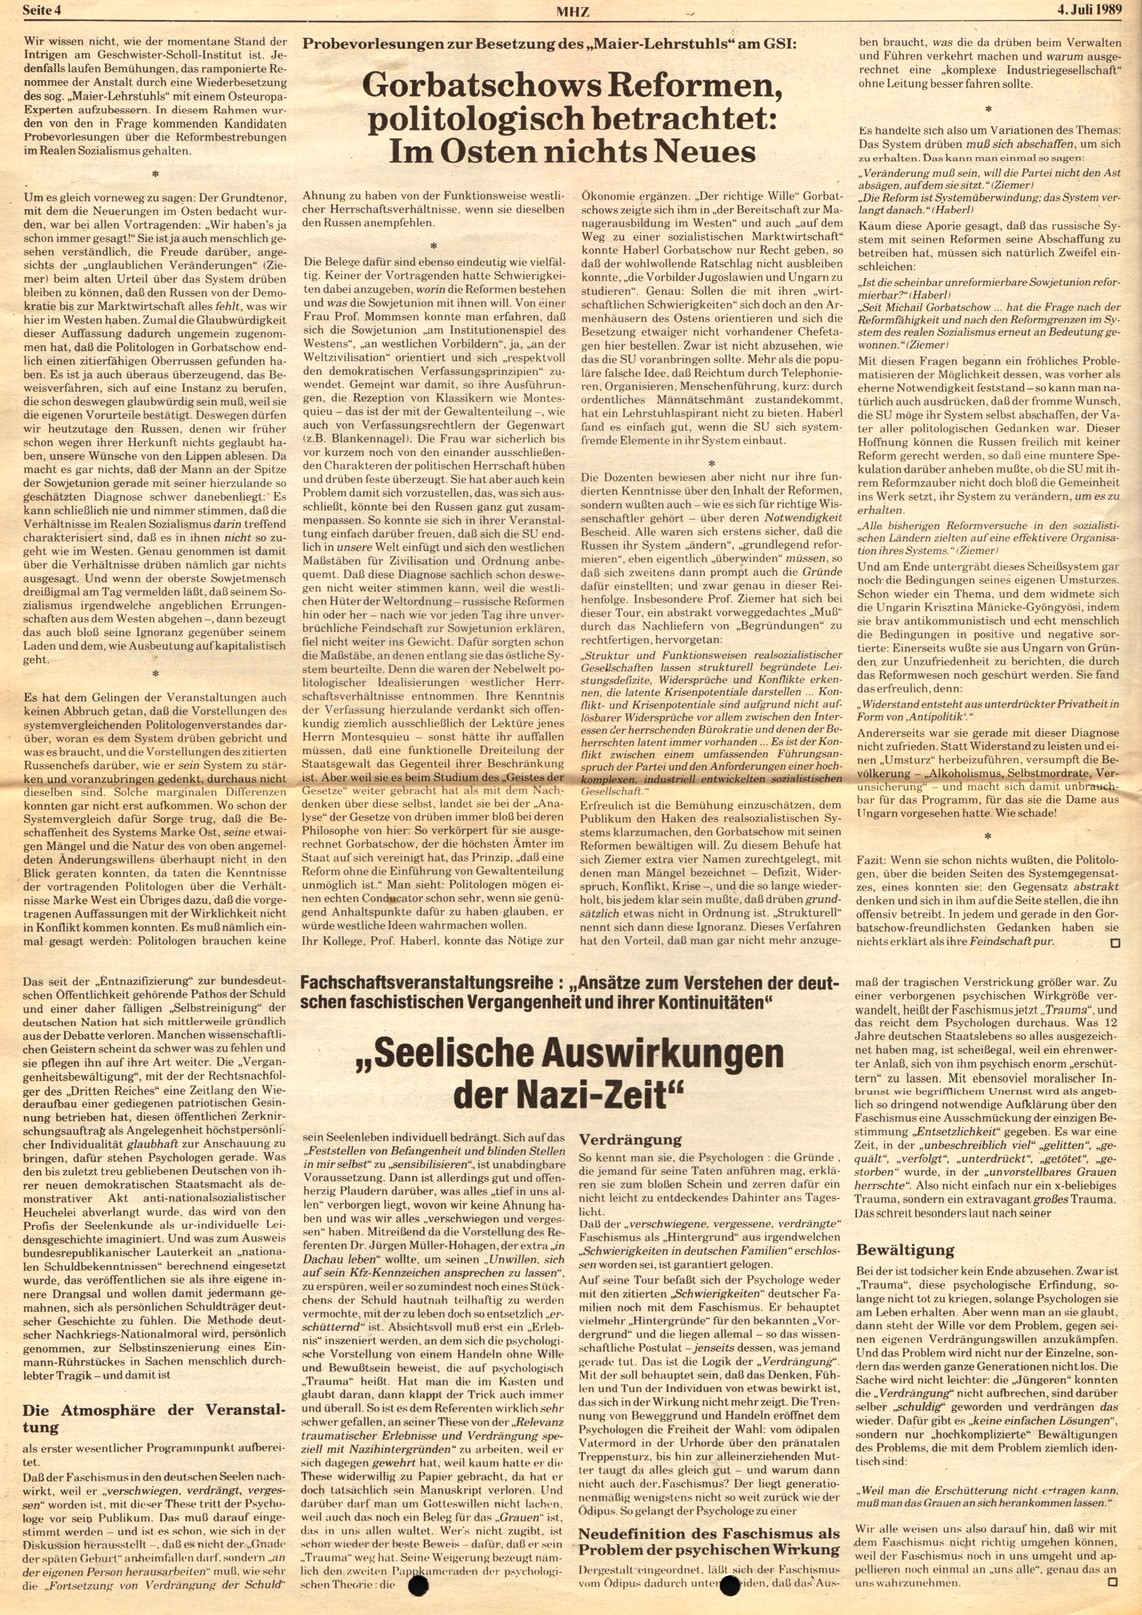 Muenchen_MG_Hochschulzeitung_19890704_04